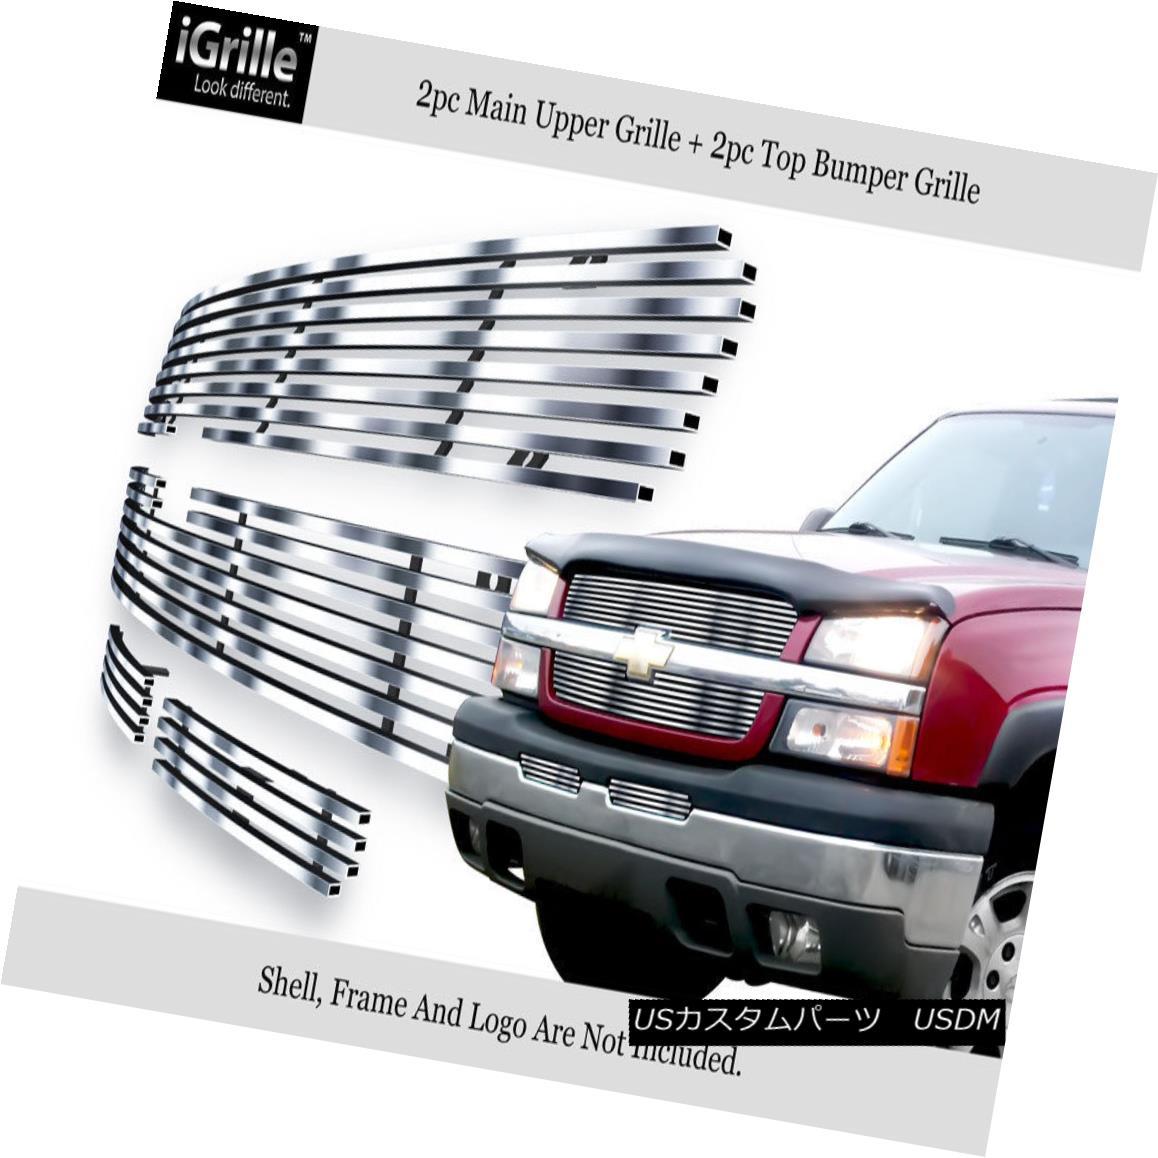 グリル 304 Stainless Billet Grille Combo Fits 03-05 Silverado 1500/03-04 2500/3500 304ステンレスビレットグリルコンボフィッティング03-05 Silverado 1500 / 03-04 2500/3500